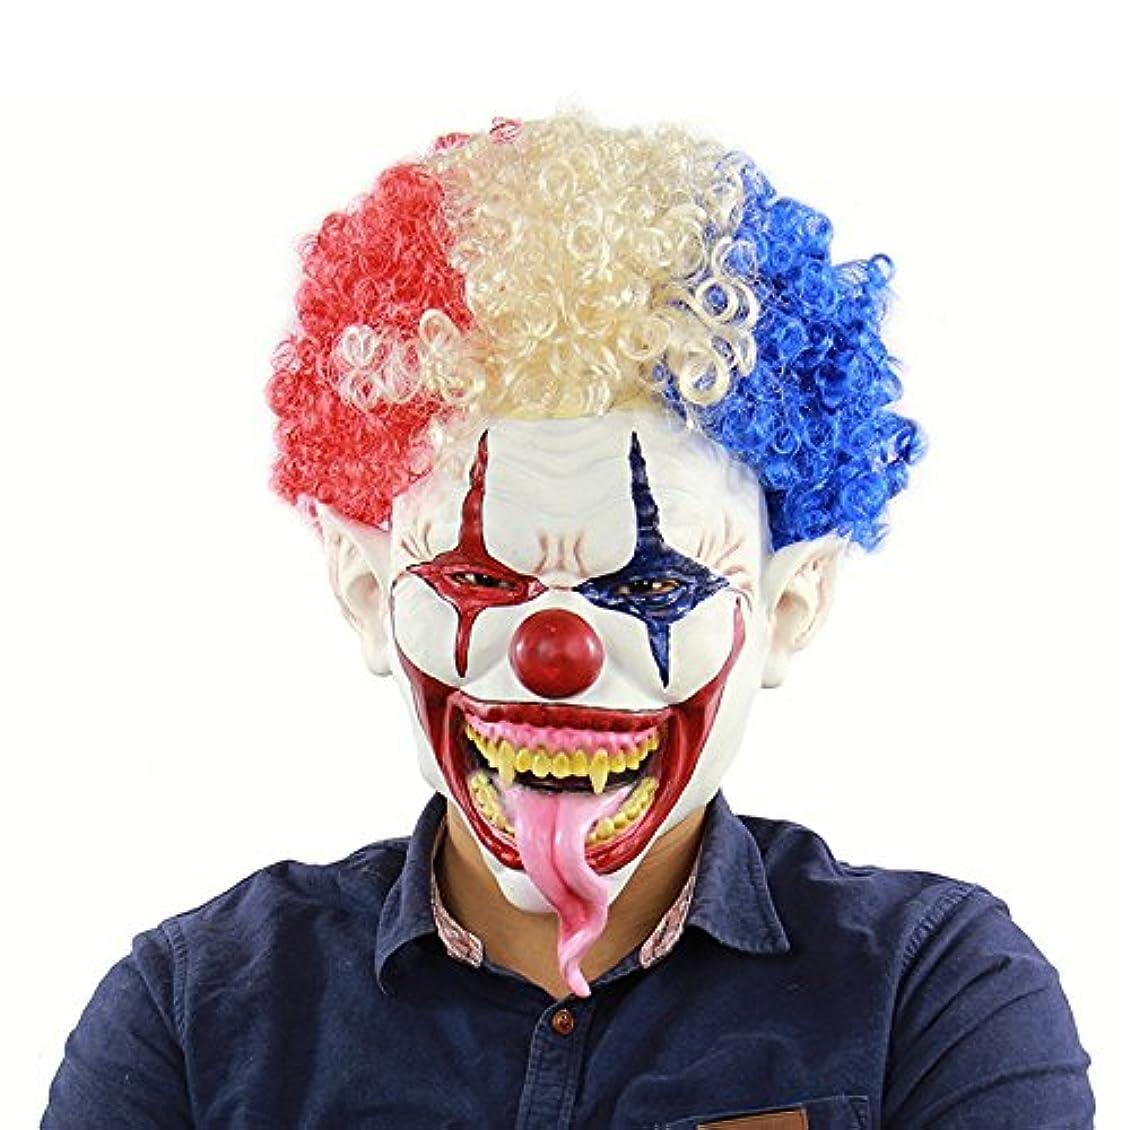 マオリ時代遅れ敬意爆発的なヘッド大きな口長い舌ピエロマスクハロウィンアマゾン外国為替ラテックスホラーヘッドカバー